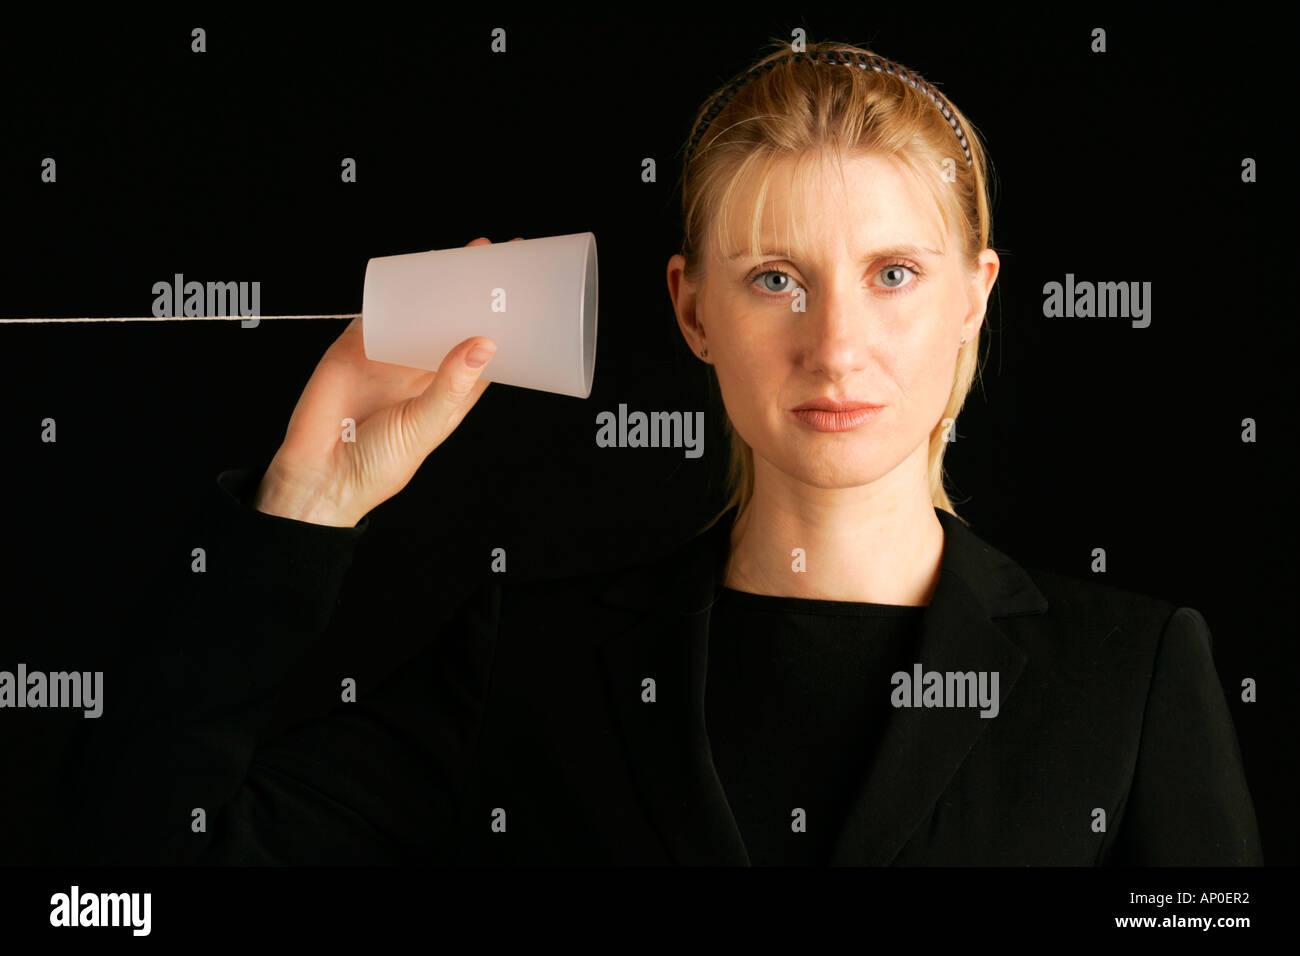 El concepto de comunicación Imagen De Stock